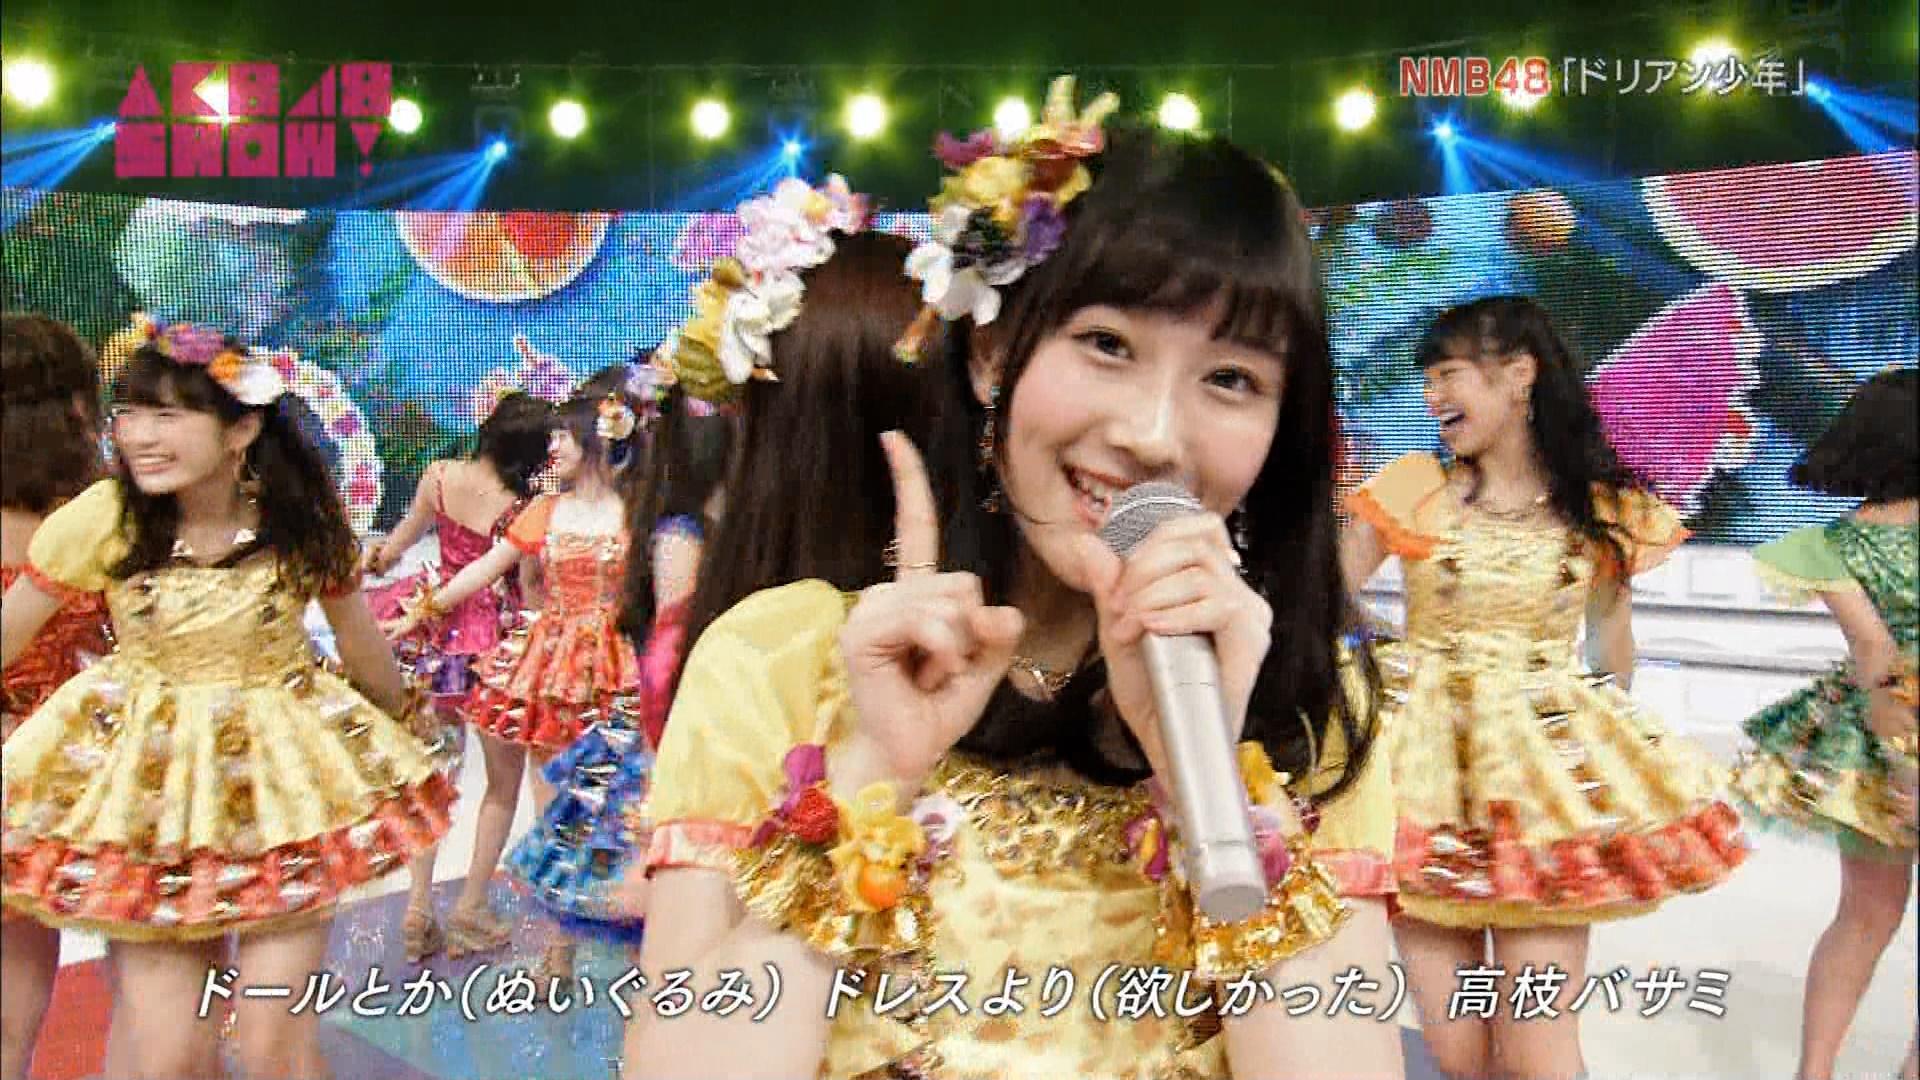 矢倉楓子 NMB48ドリアン少年 AKB48SHOW20150613 (8)